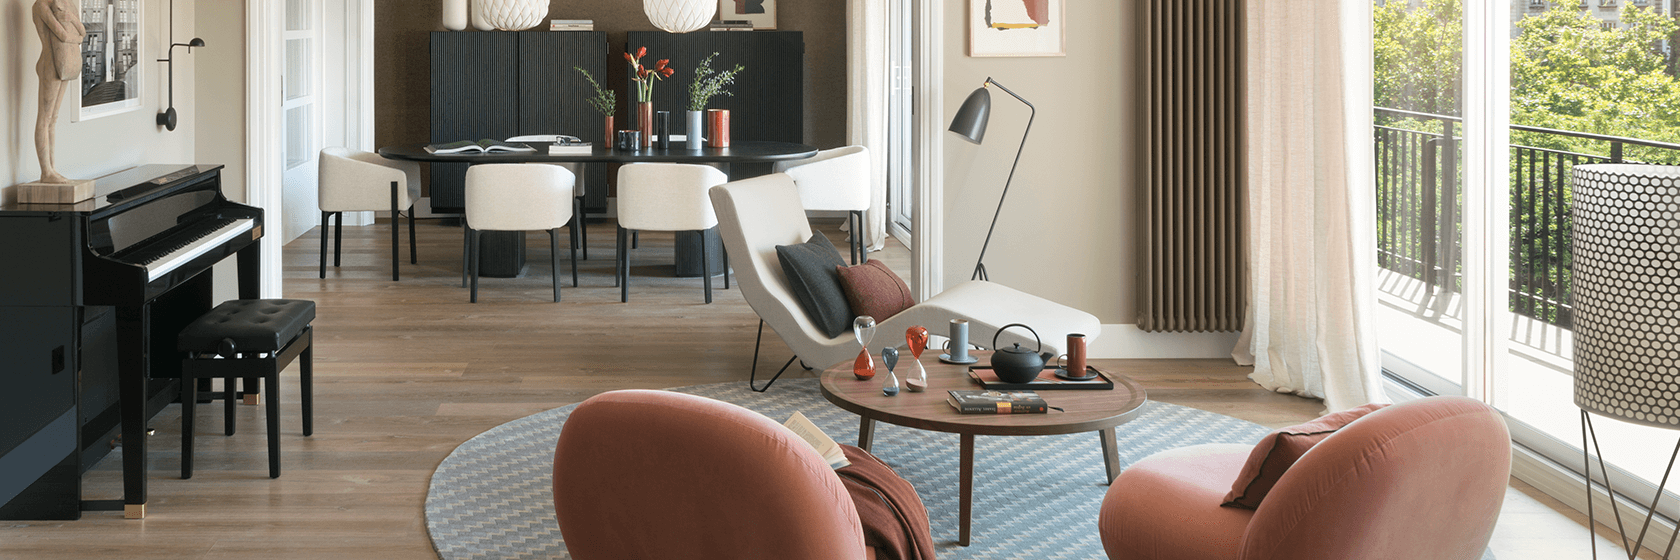 Els nostres favorits de tardor 2019 | The Room Studio